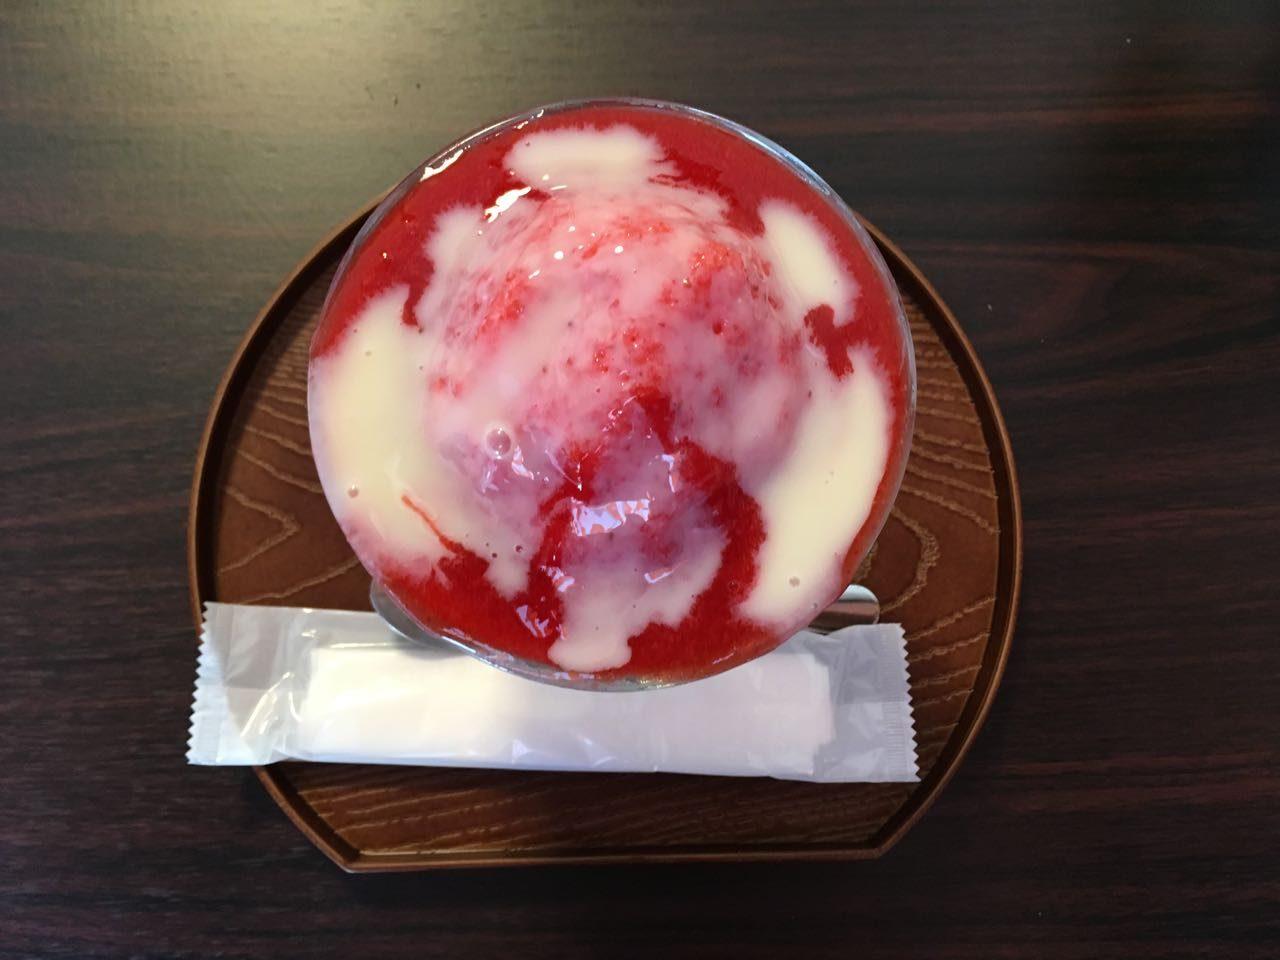 みとん今治,ぱぴりお,かき氷,松本町,スイーツ,新規オープン